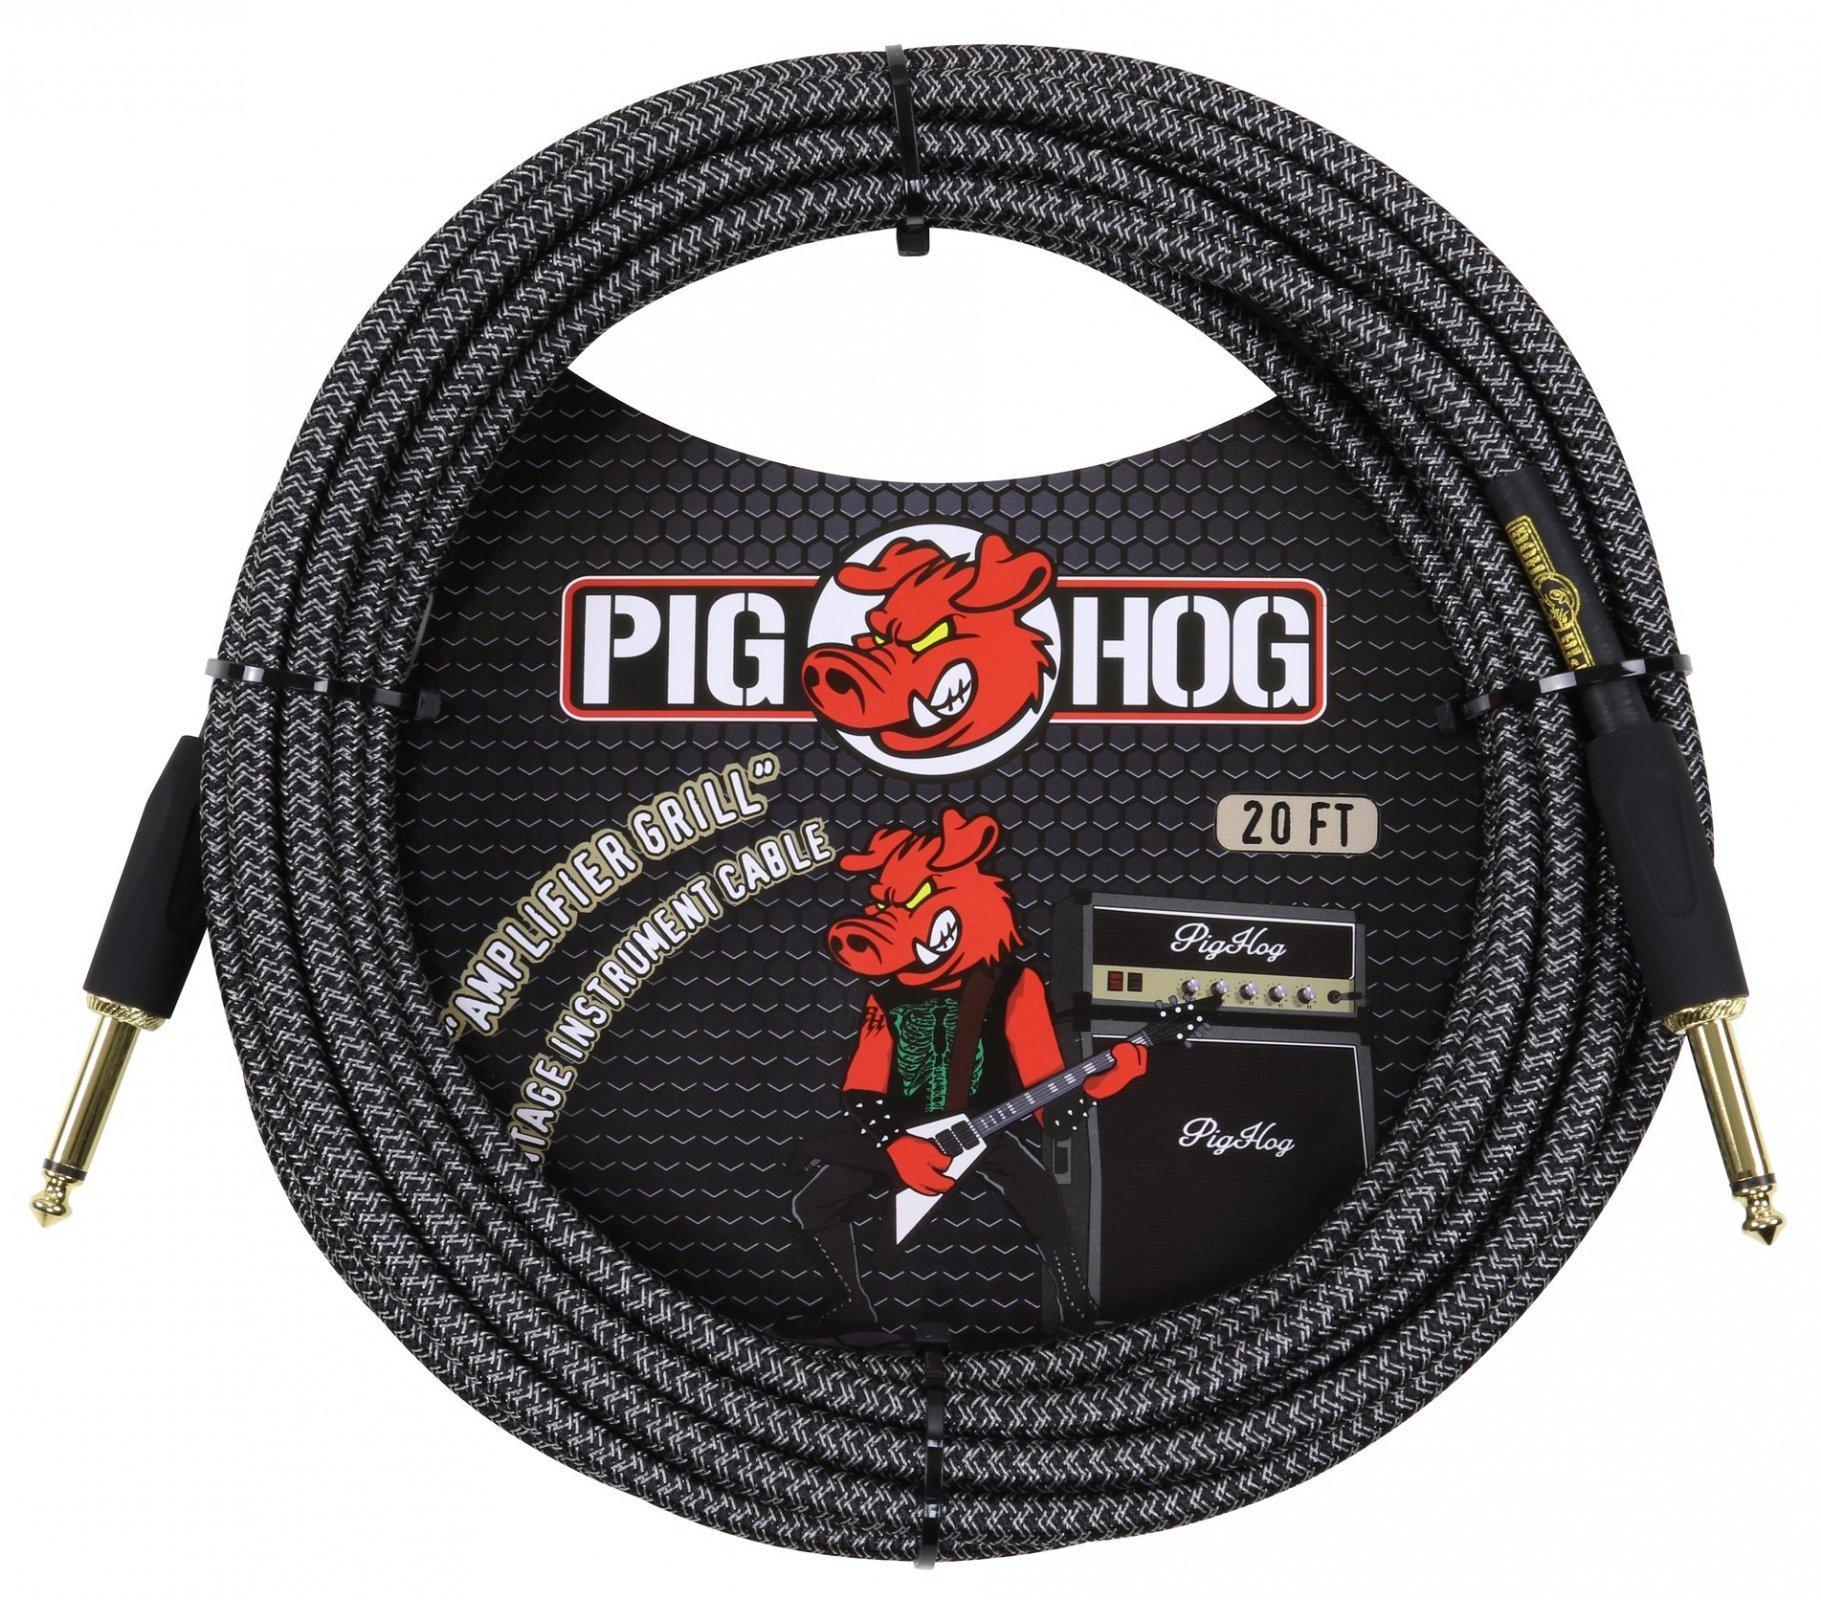 Pig Hog Instrument 20Ft